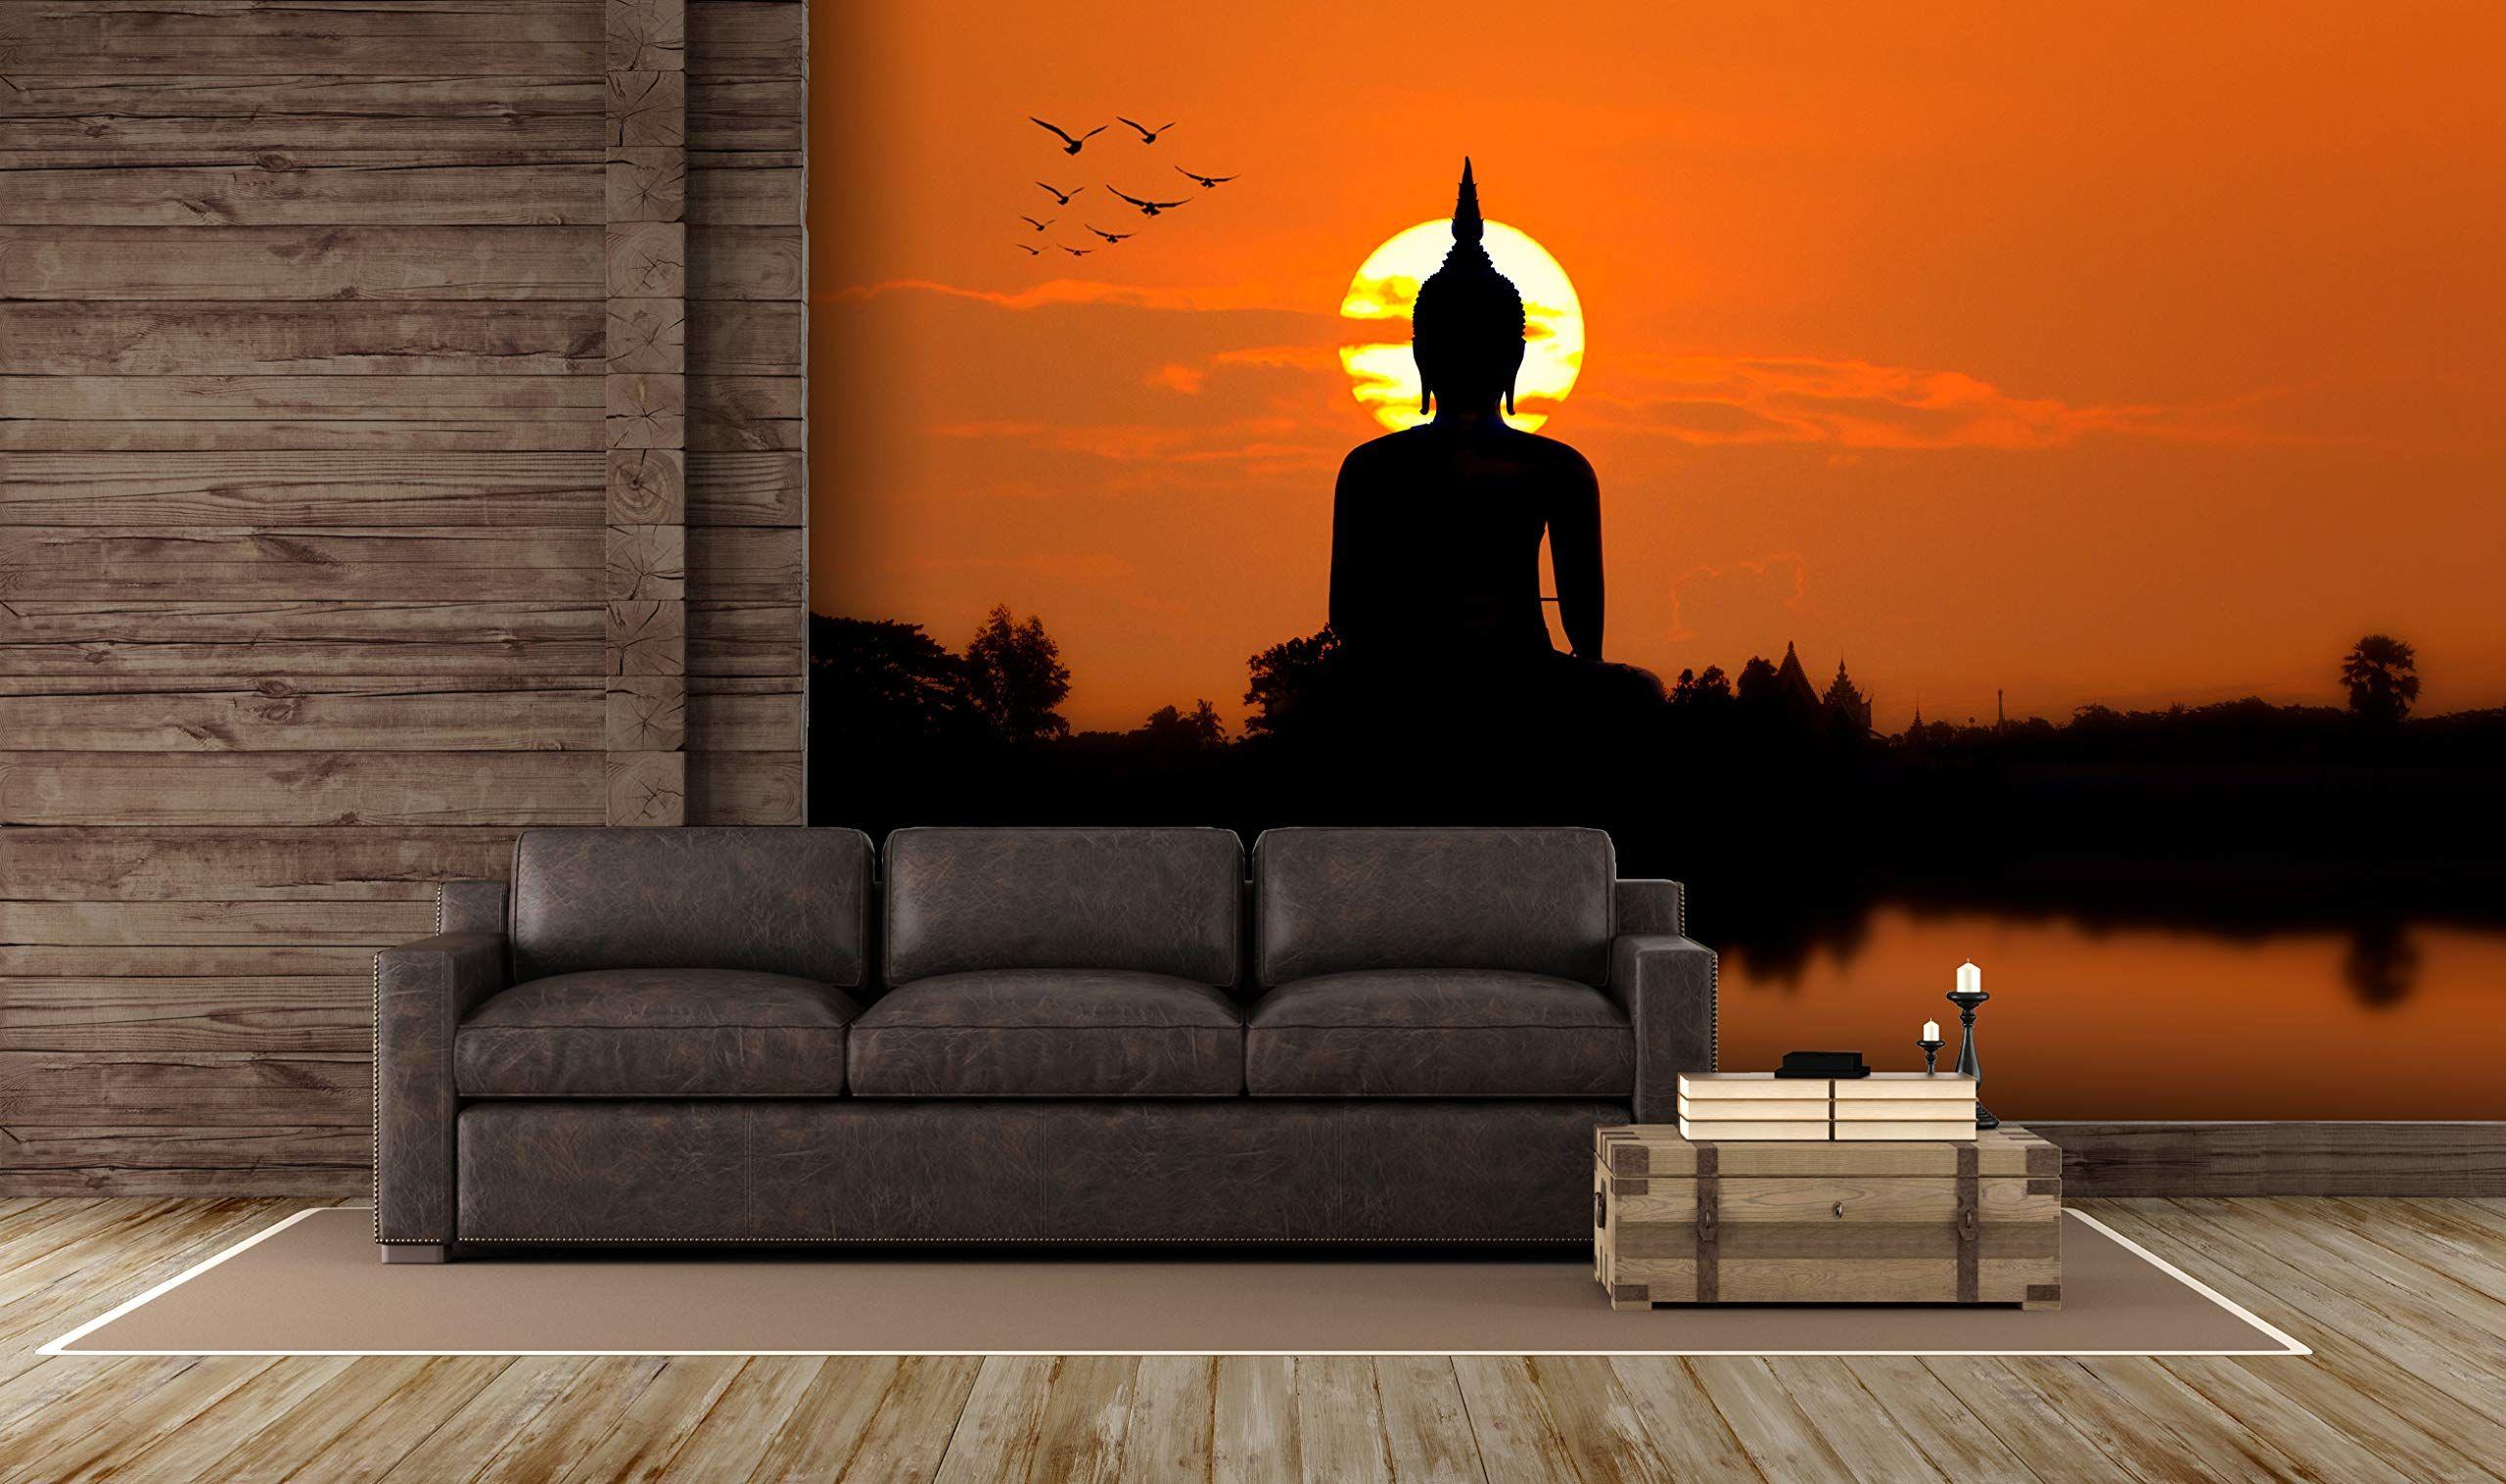 Oedim zdjęcie naklejka ścienna dla Buddy w zachodzie słońca Fototapeta na ściany mural ścienny Dekoracyjny winyl Różne wymiary 500 x 300 cm jadalnia, pokoje dzienne, pokoje